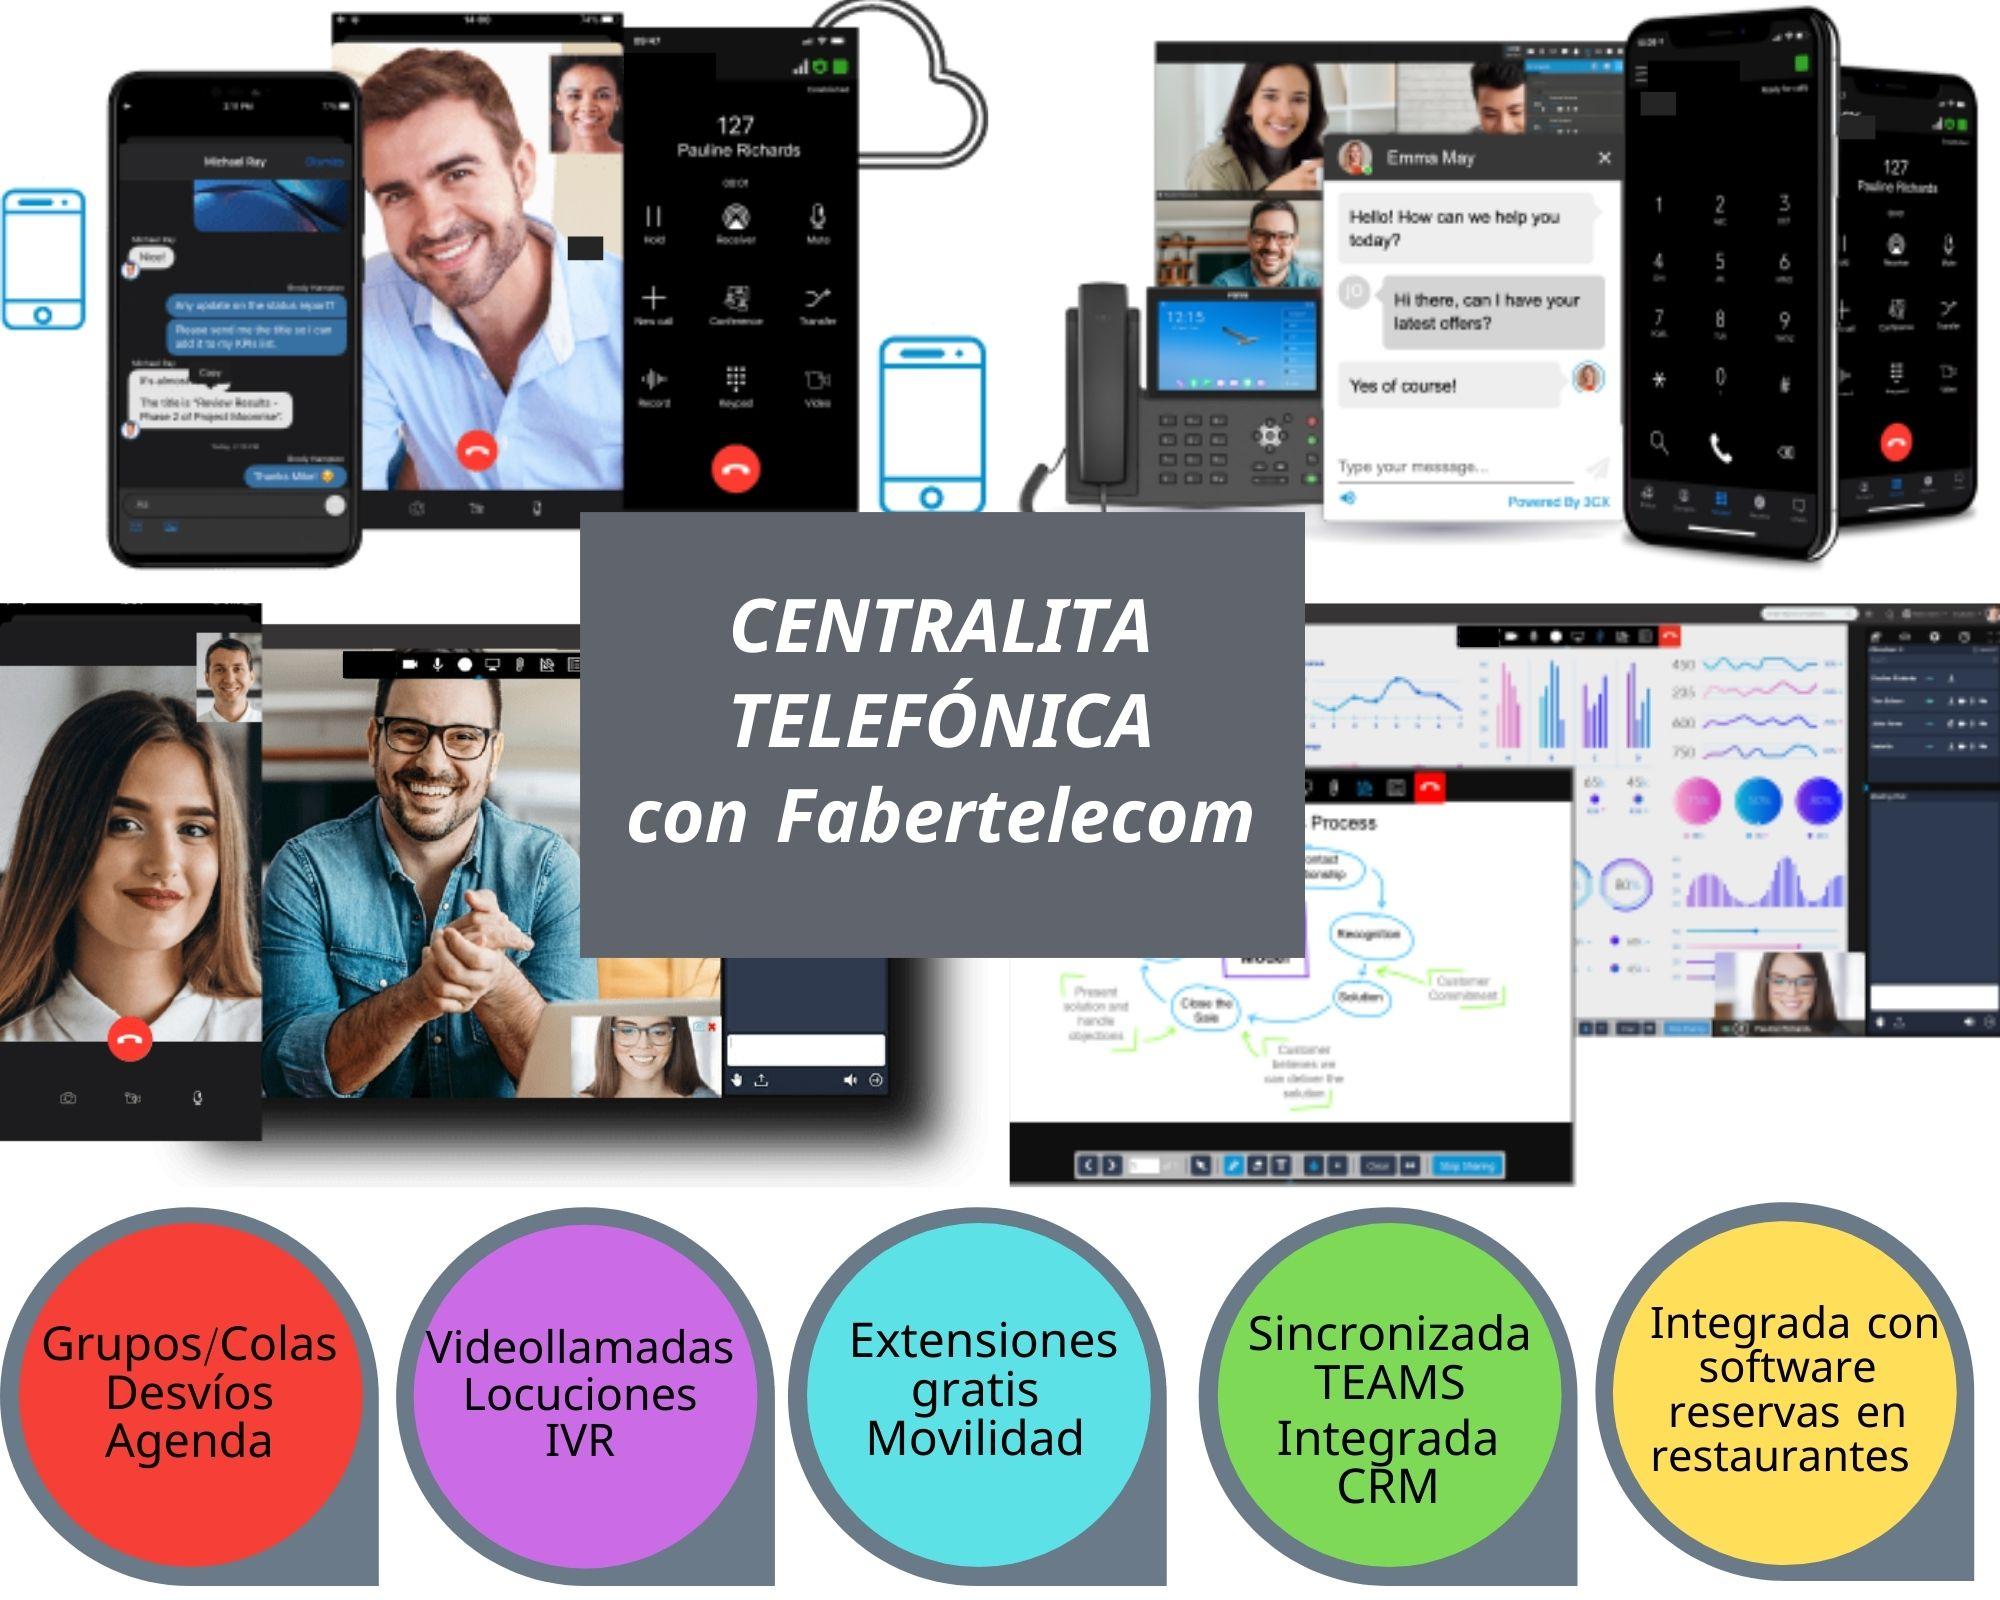 Caracteristicas centralita telefonica